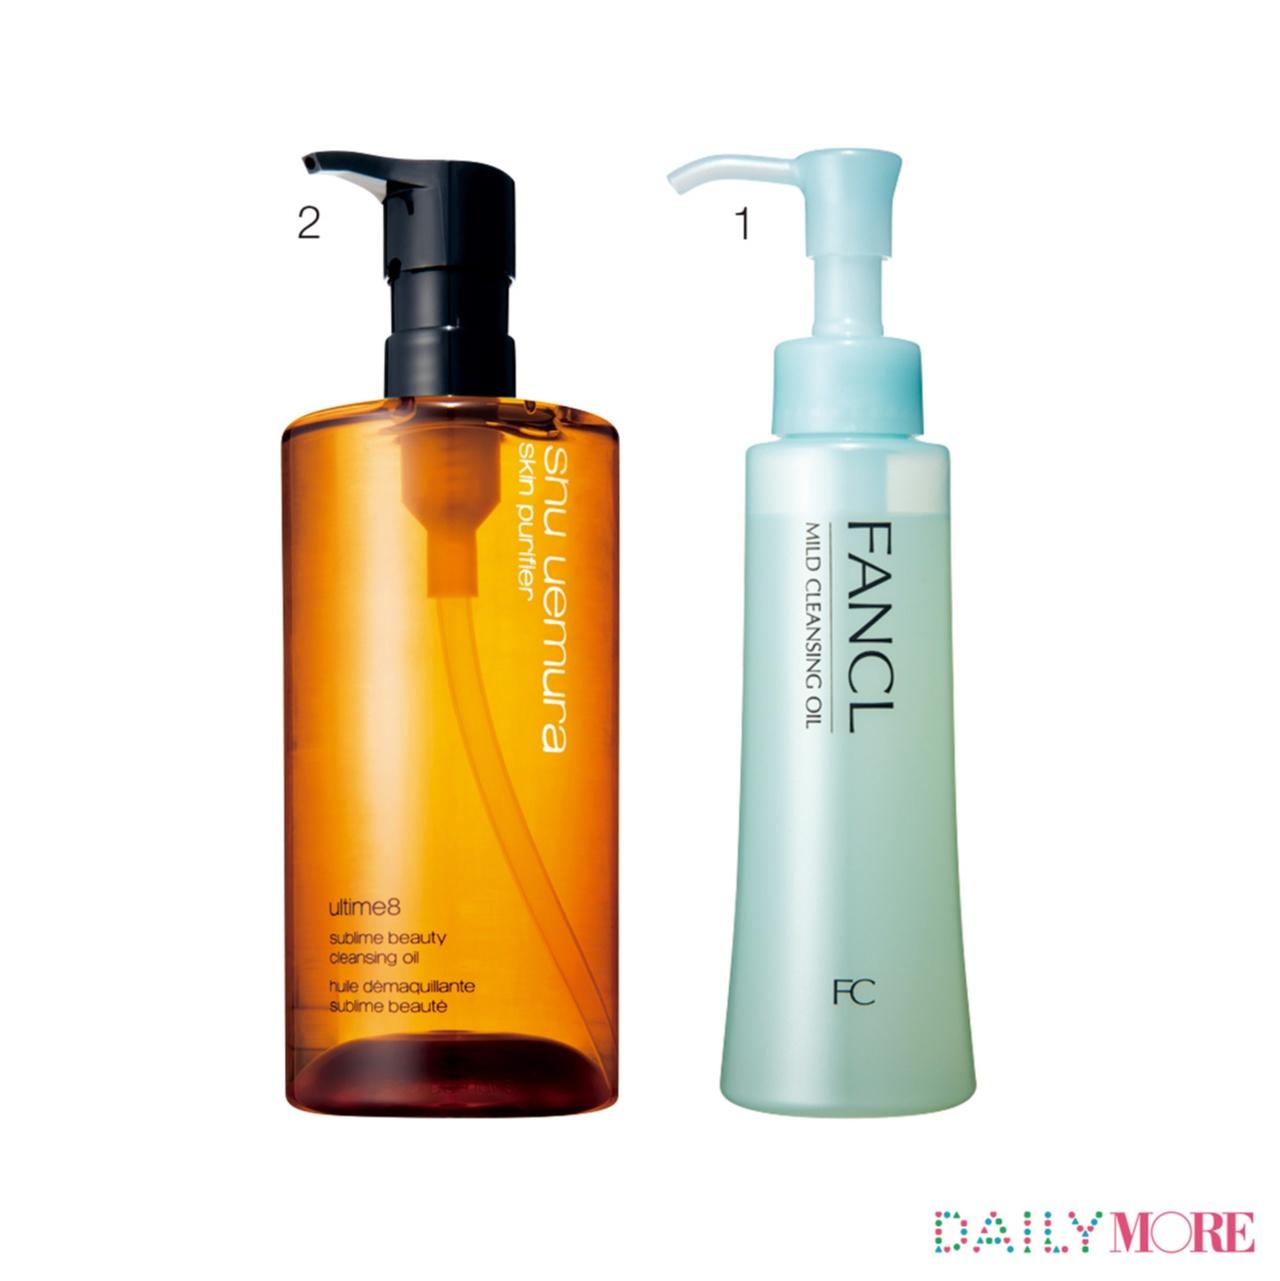 あなたは何問わかる!? 美肌を左右する、本当に正しい「洗顔&クレンジング」クイズ! その1_2